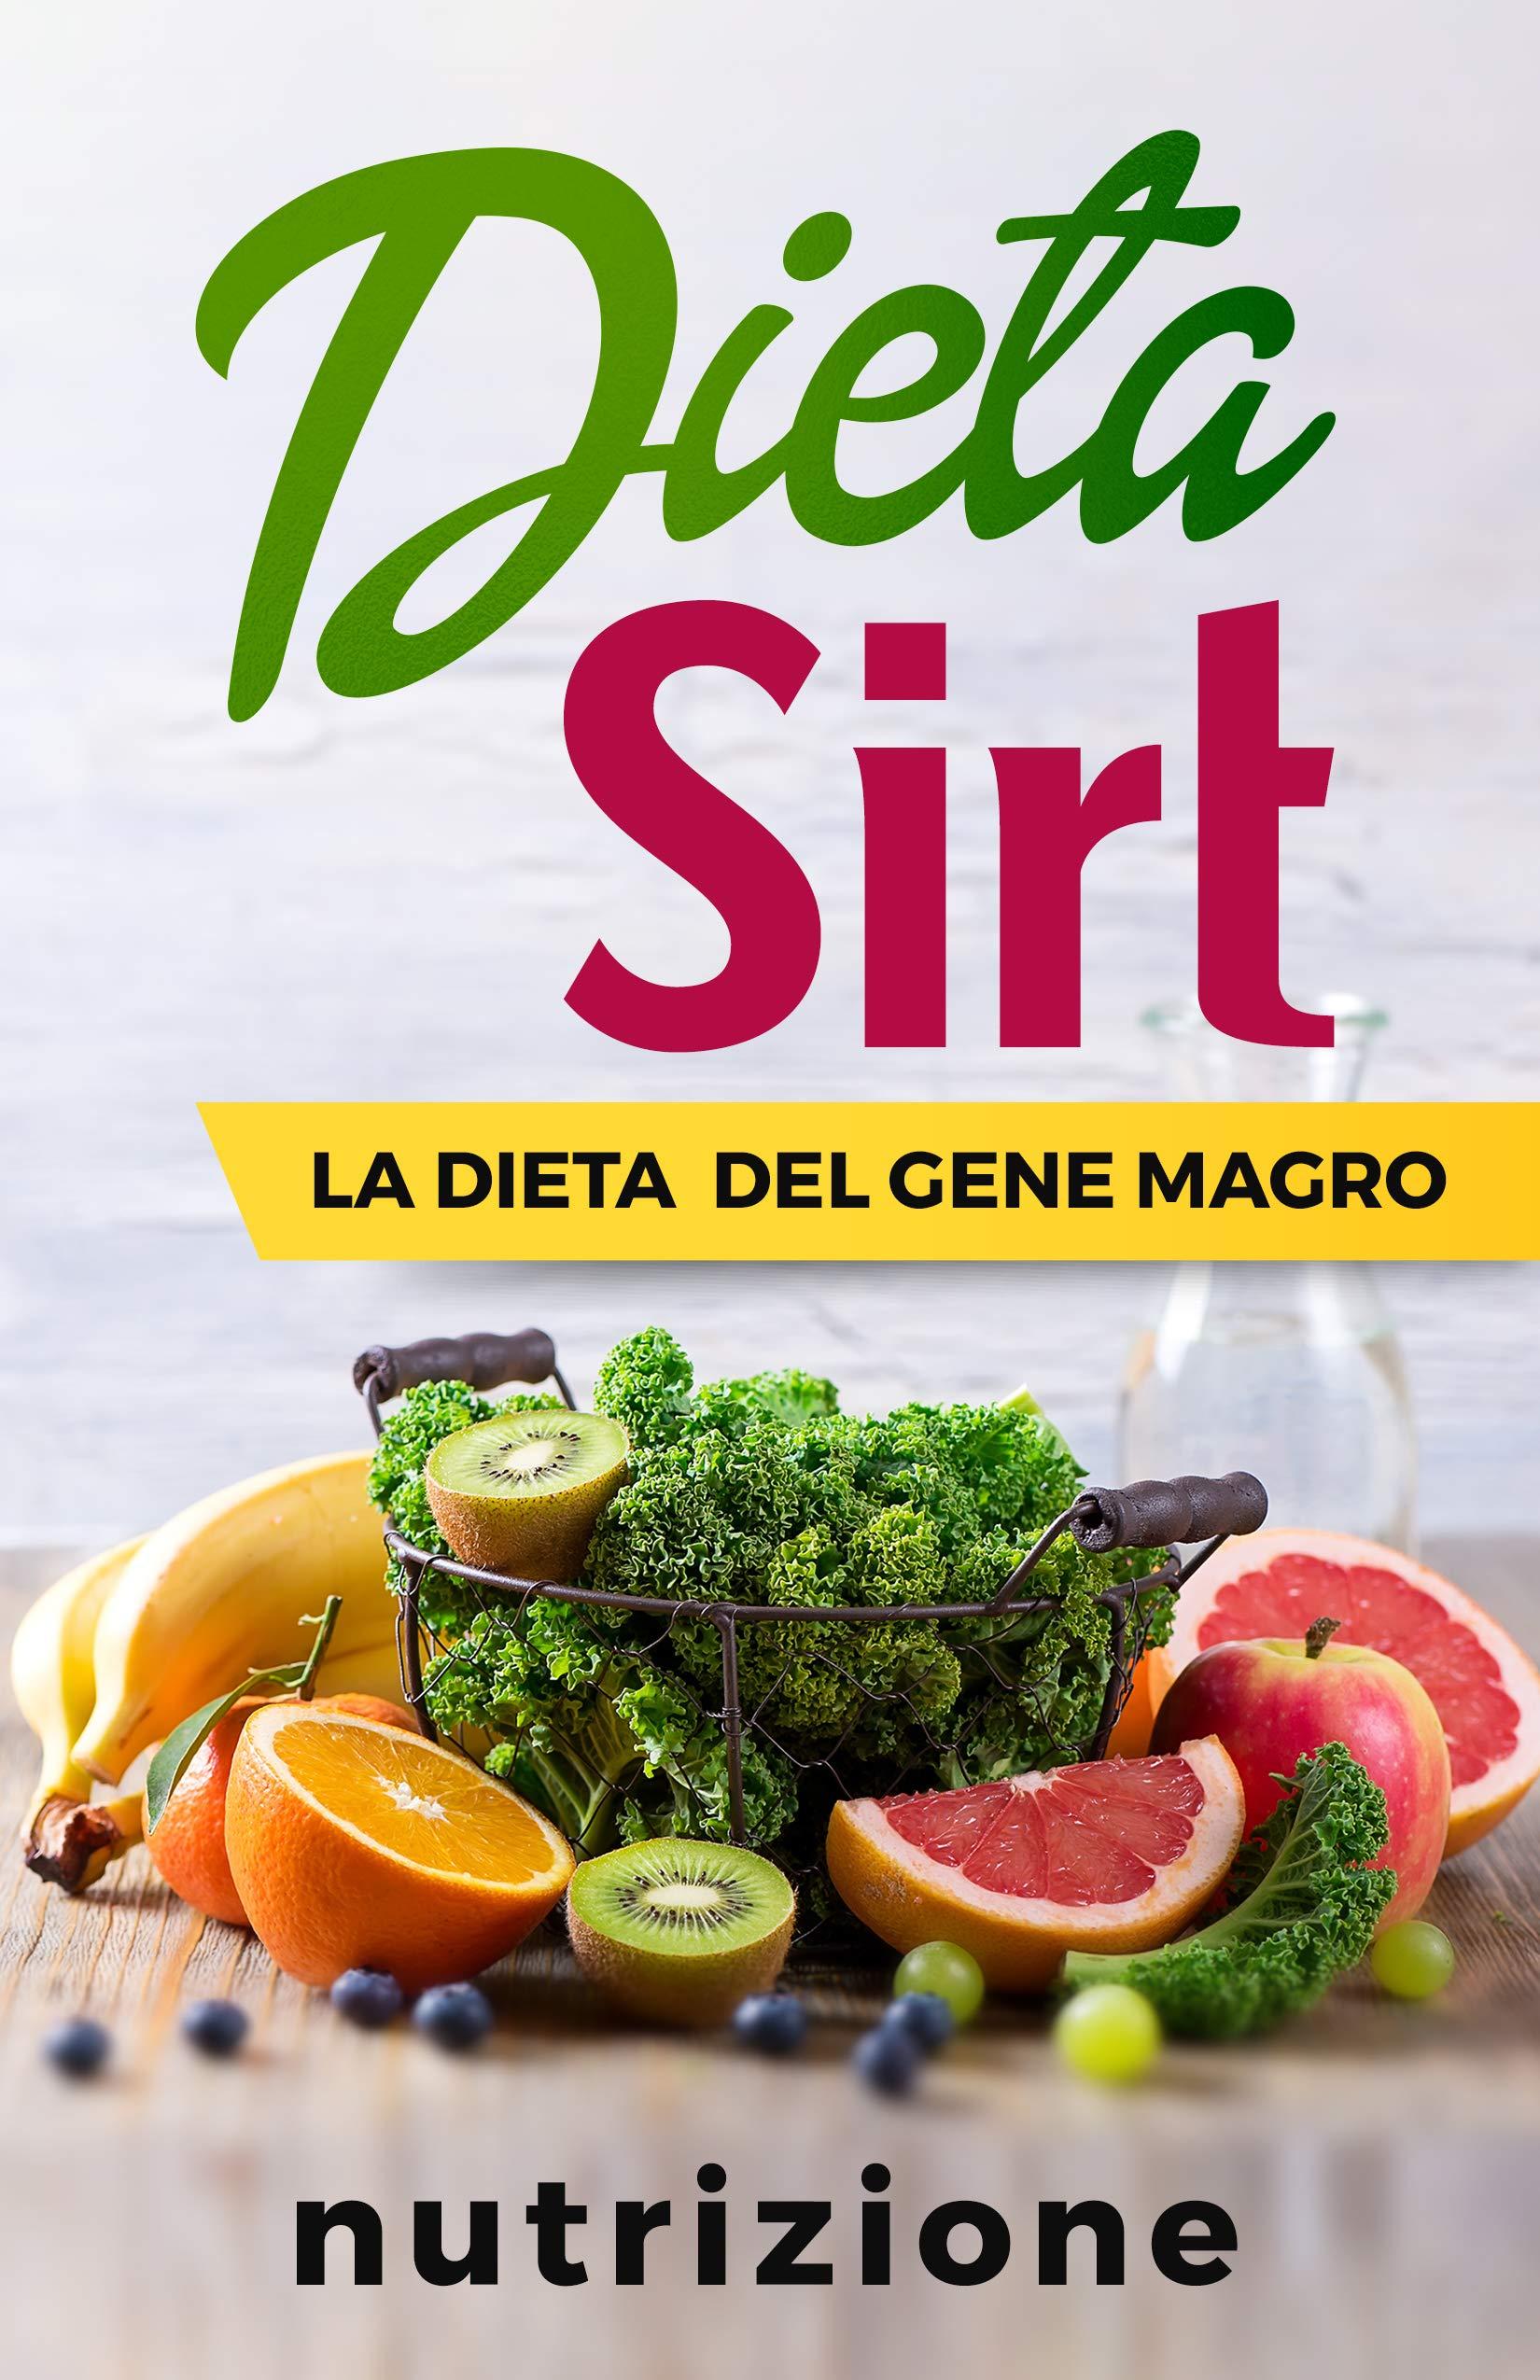 Dieta Sirt: La Dieta del Gene Magro Il metodo passo passo rivoluzionario per perdere peso, restare in forma e vivere in salute di Aurora Rossi